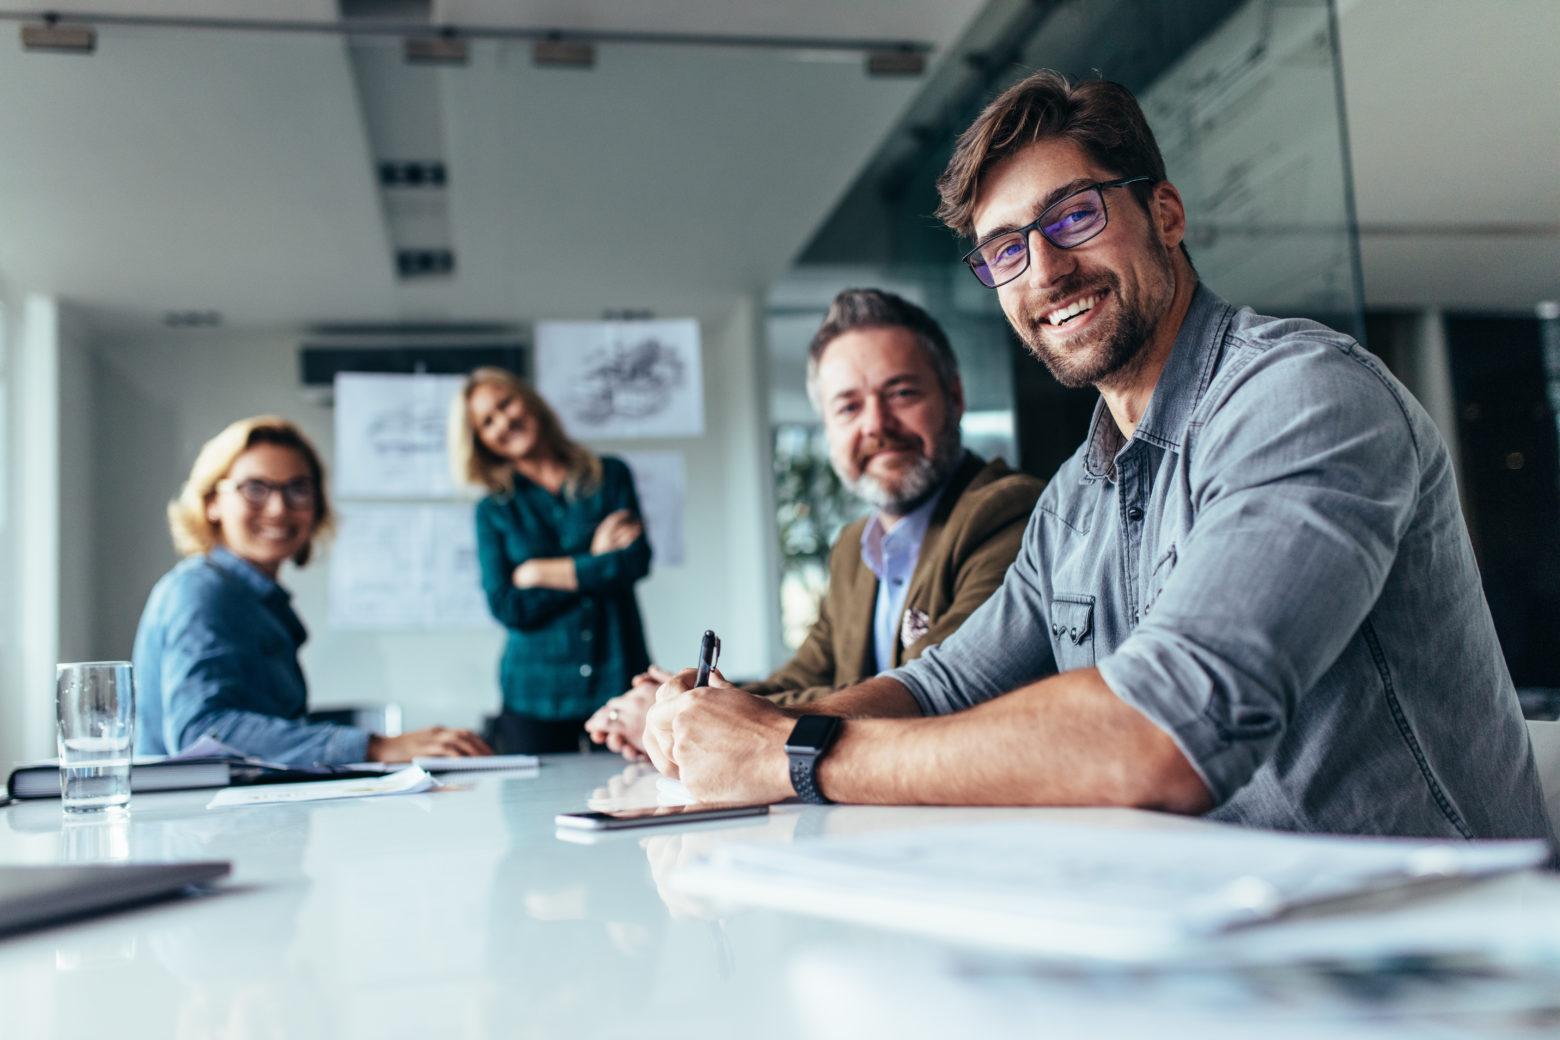 Administration & Support: Warum profitieren Sie von einer Zusammenarbeit?